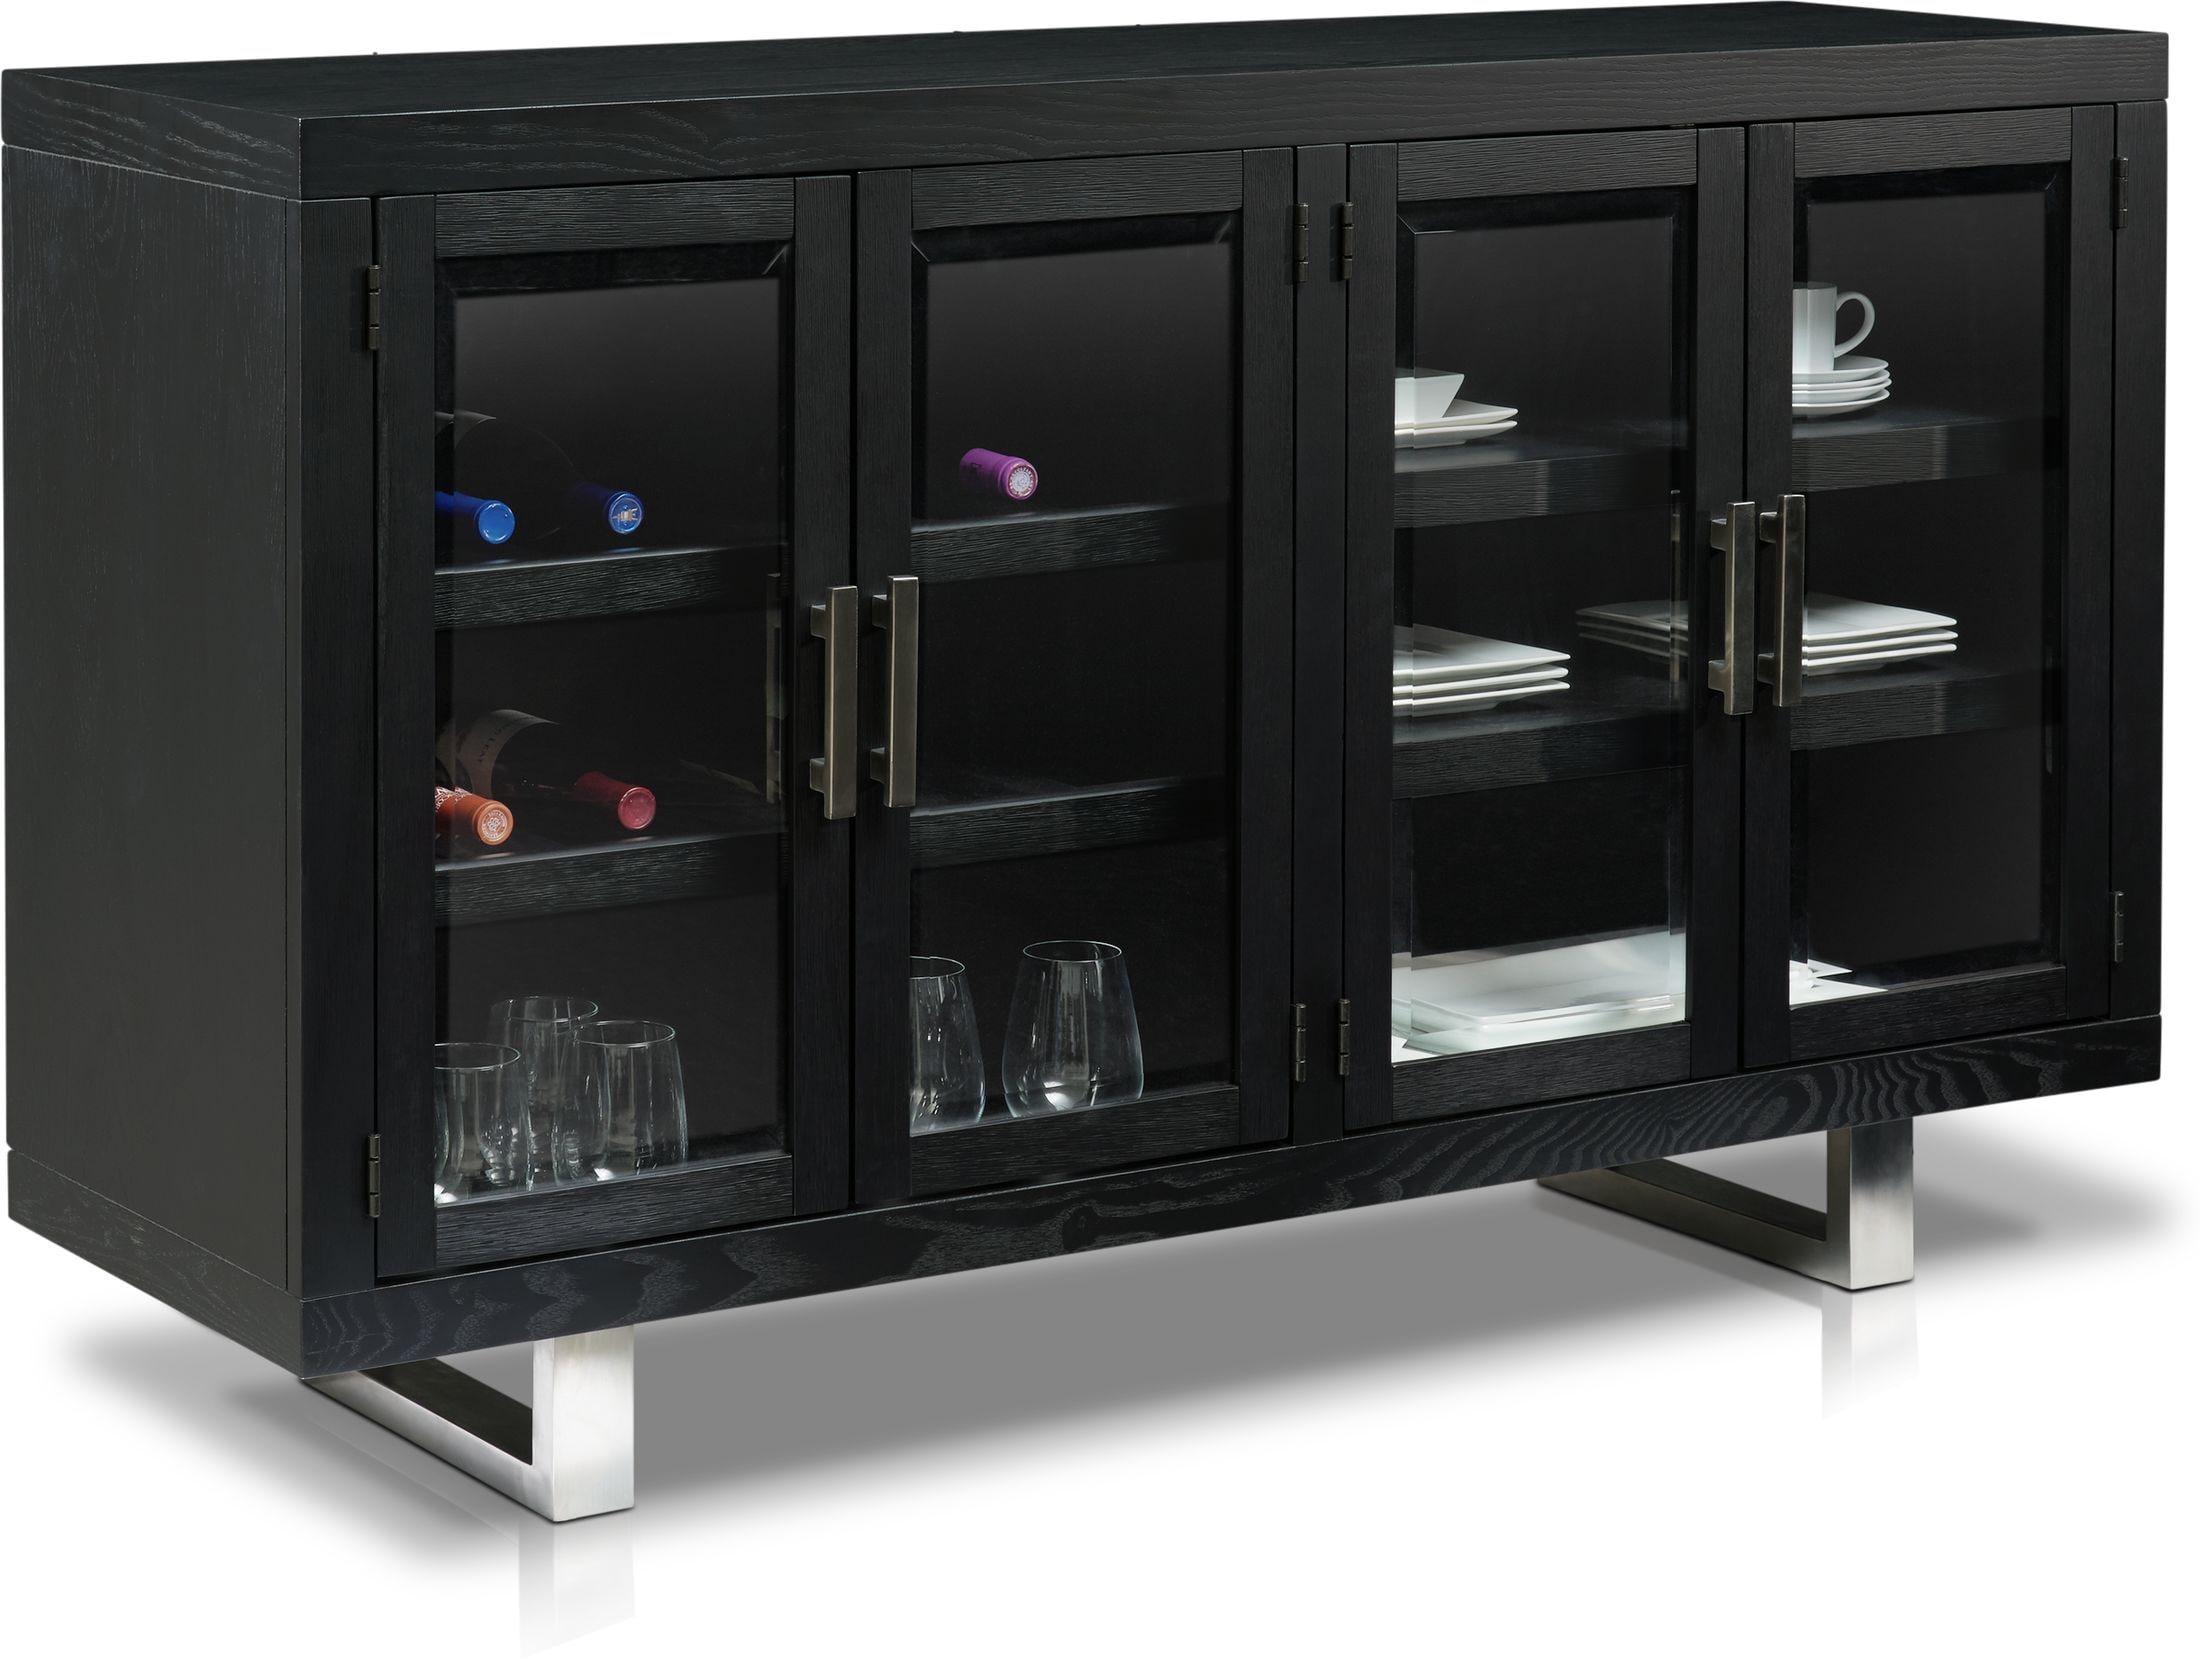 Dining Room Furniture - Banks Server